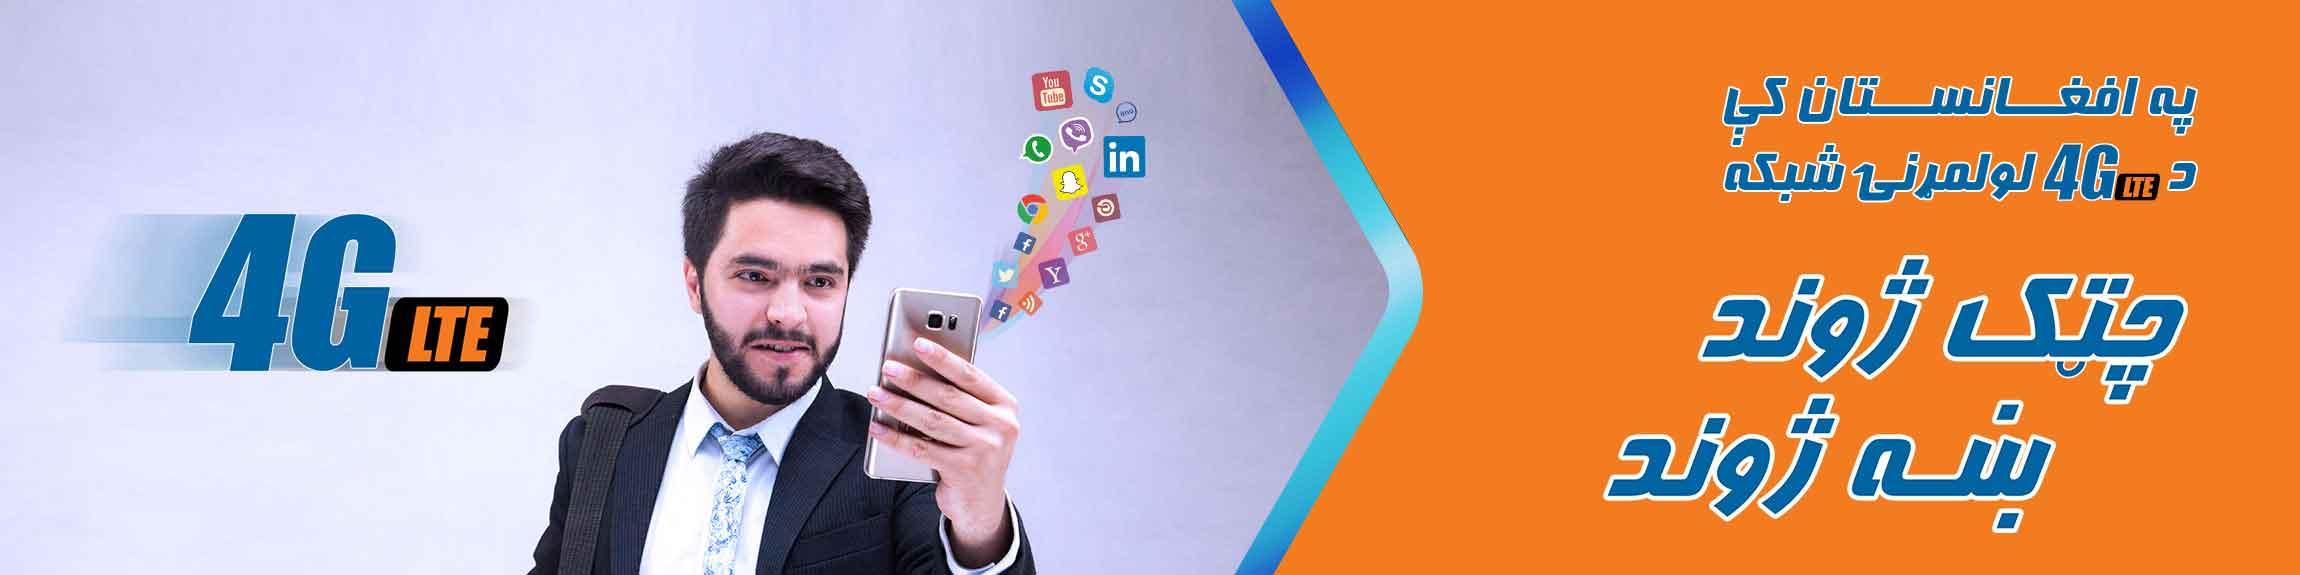 4G-For-Website-Pashto